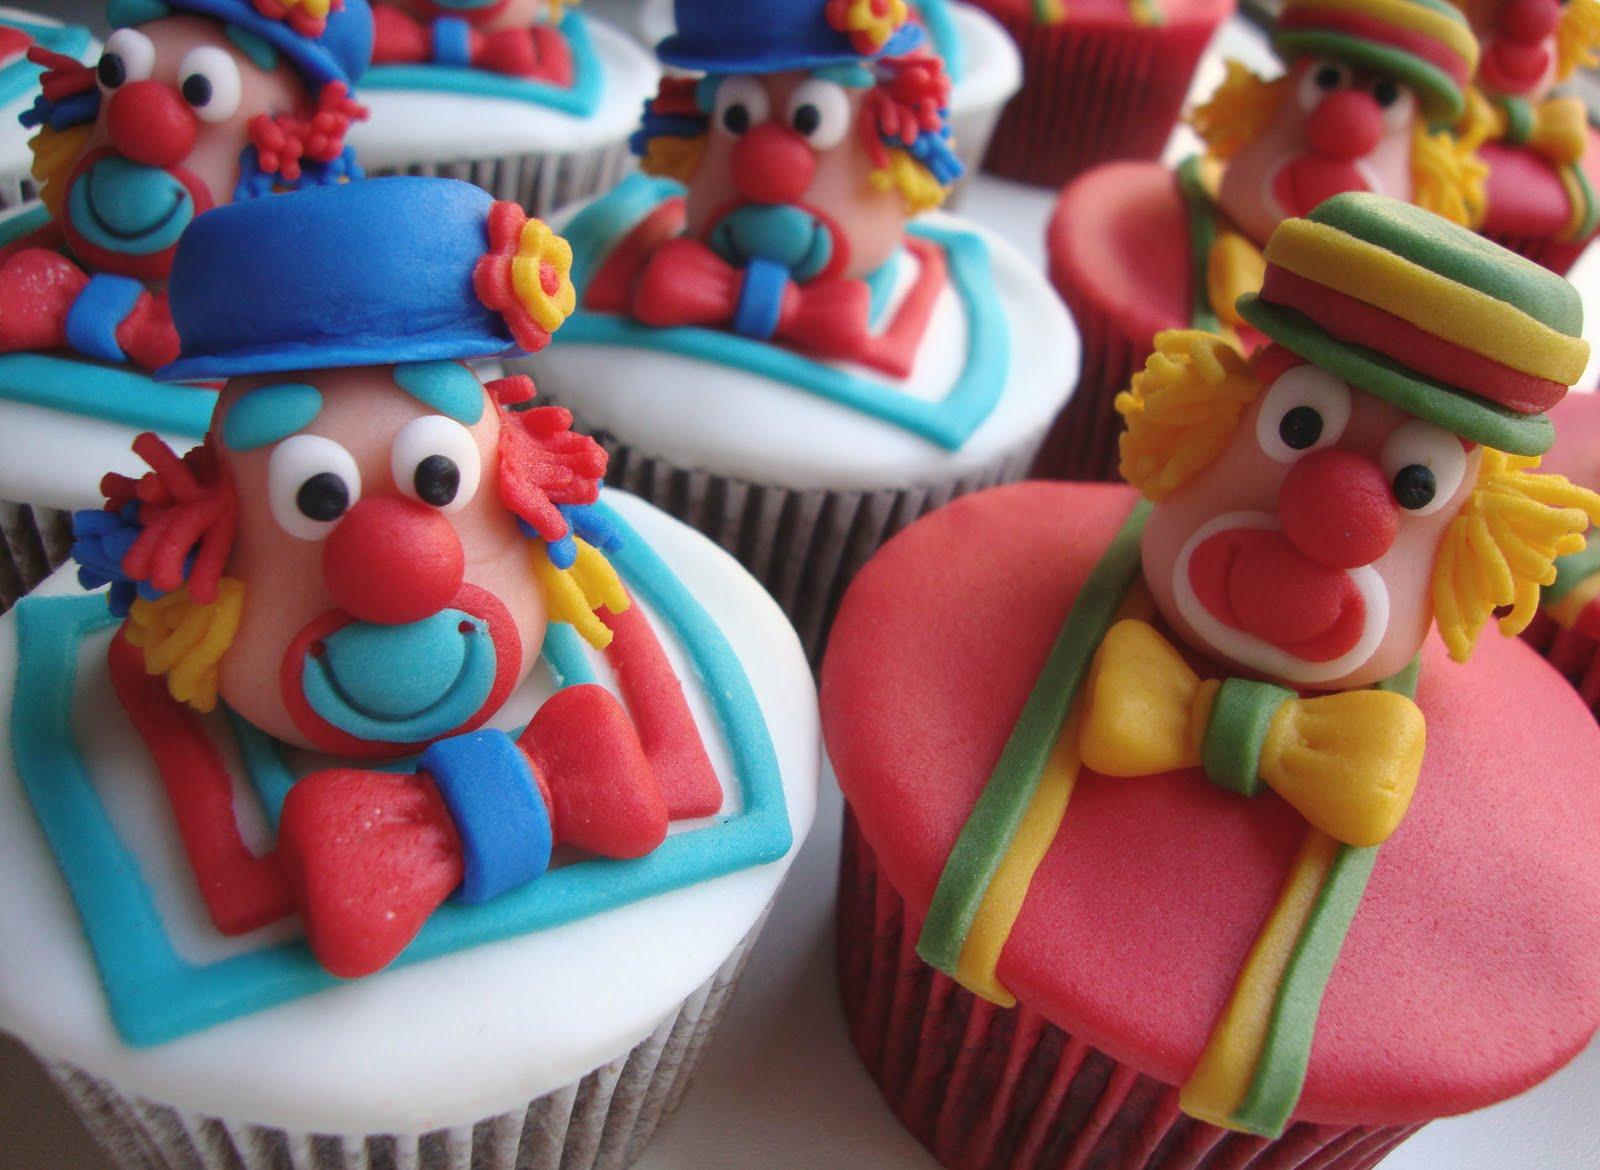 Do Ano Cupcakes De Chocolate   Decoracao Do Patati Patata Foi Um